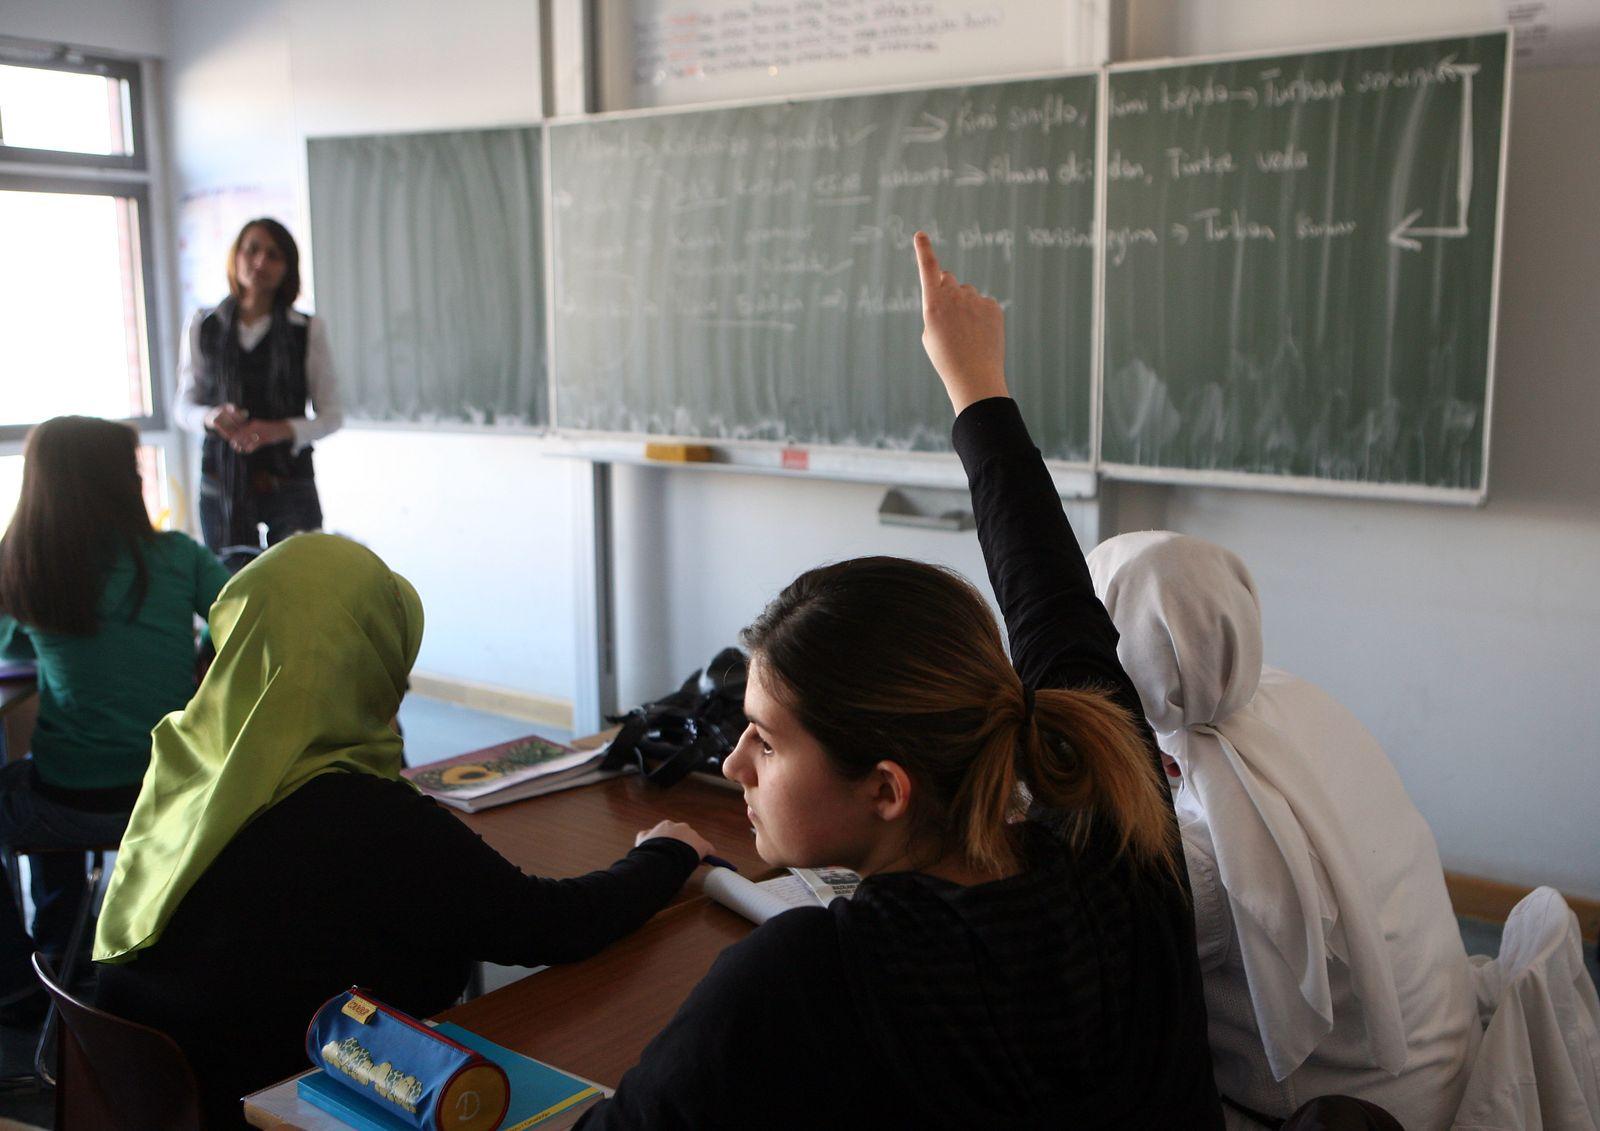 Türkisch Unterricht an Gesamtschule in Köln